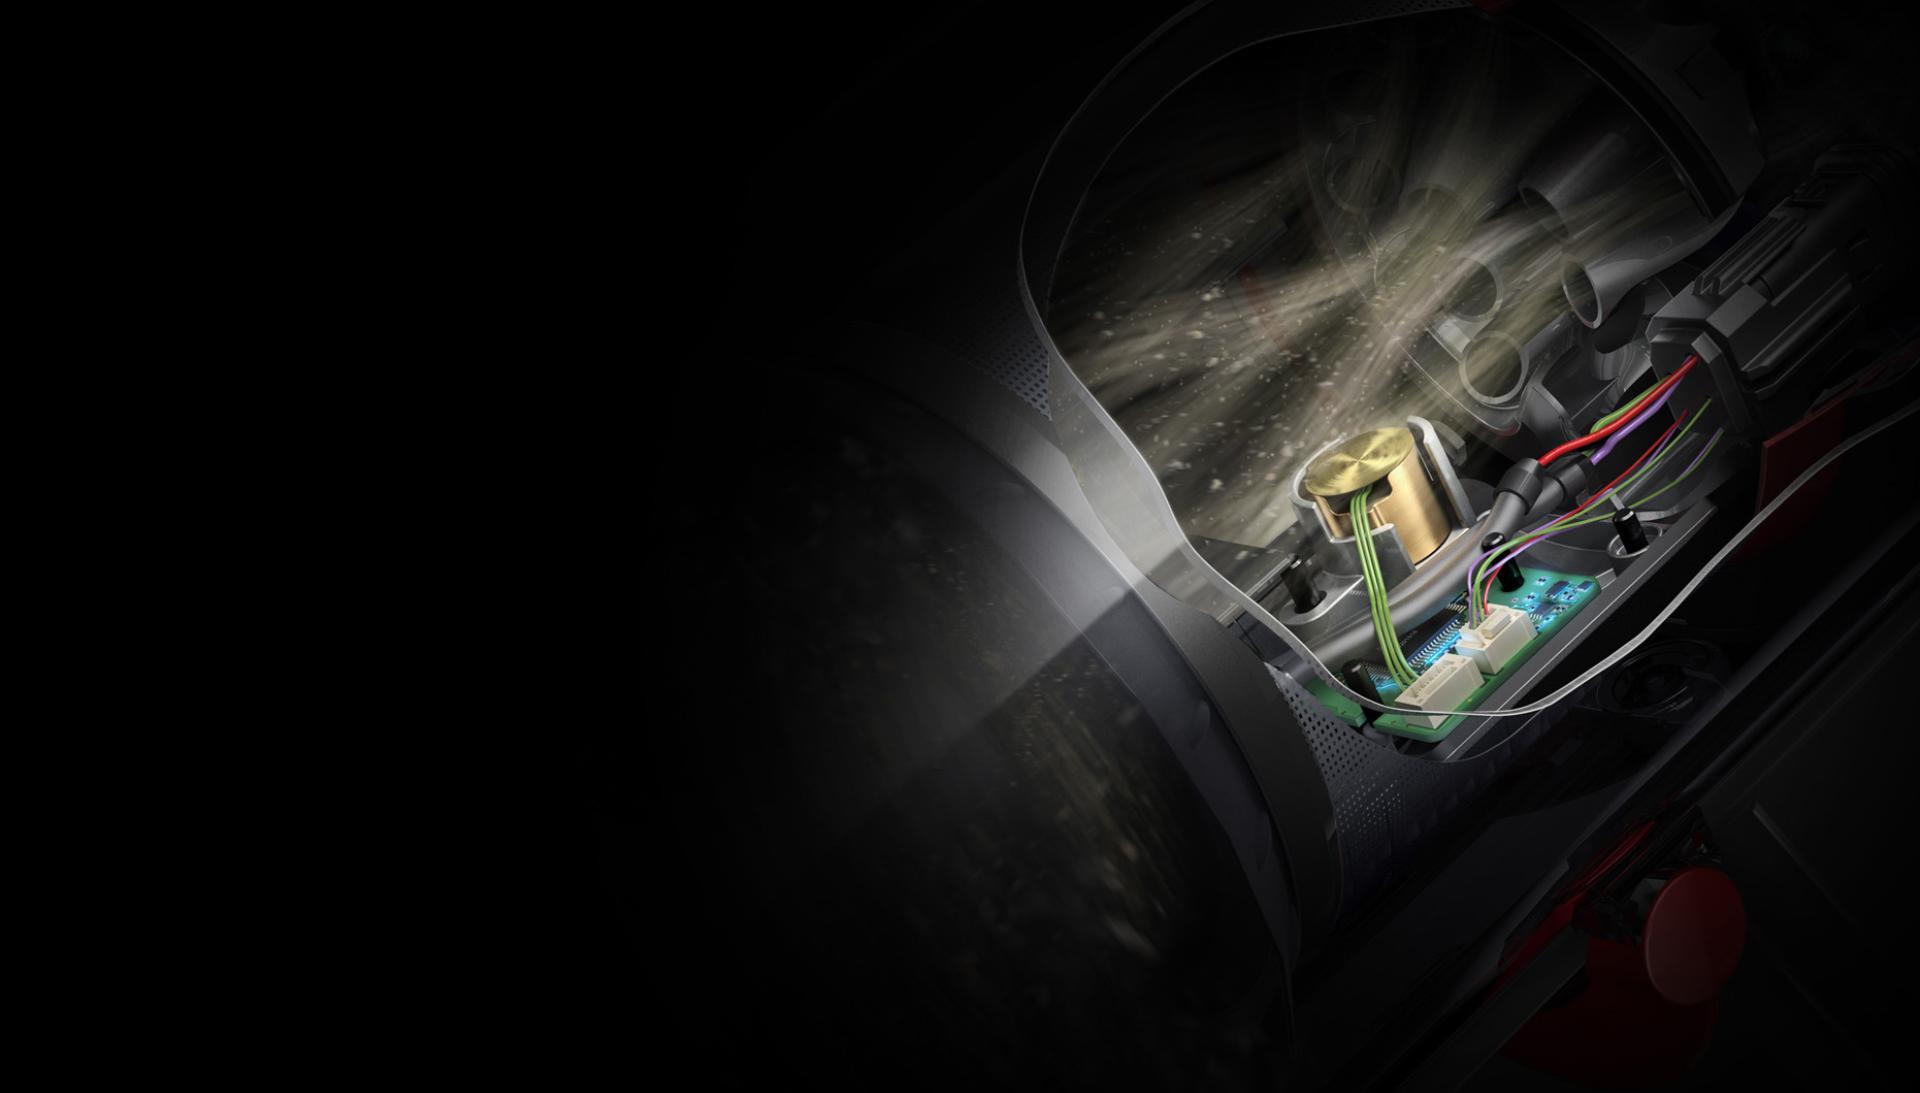 Piezo sensöründen seken mikroskobik partiküllerin yakından görünümü